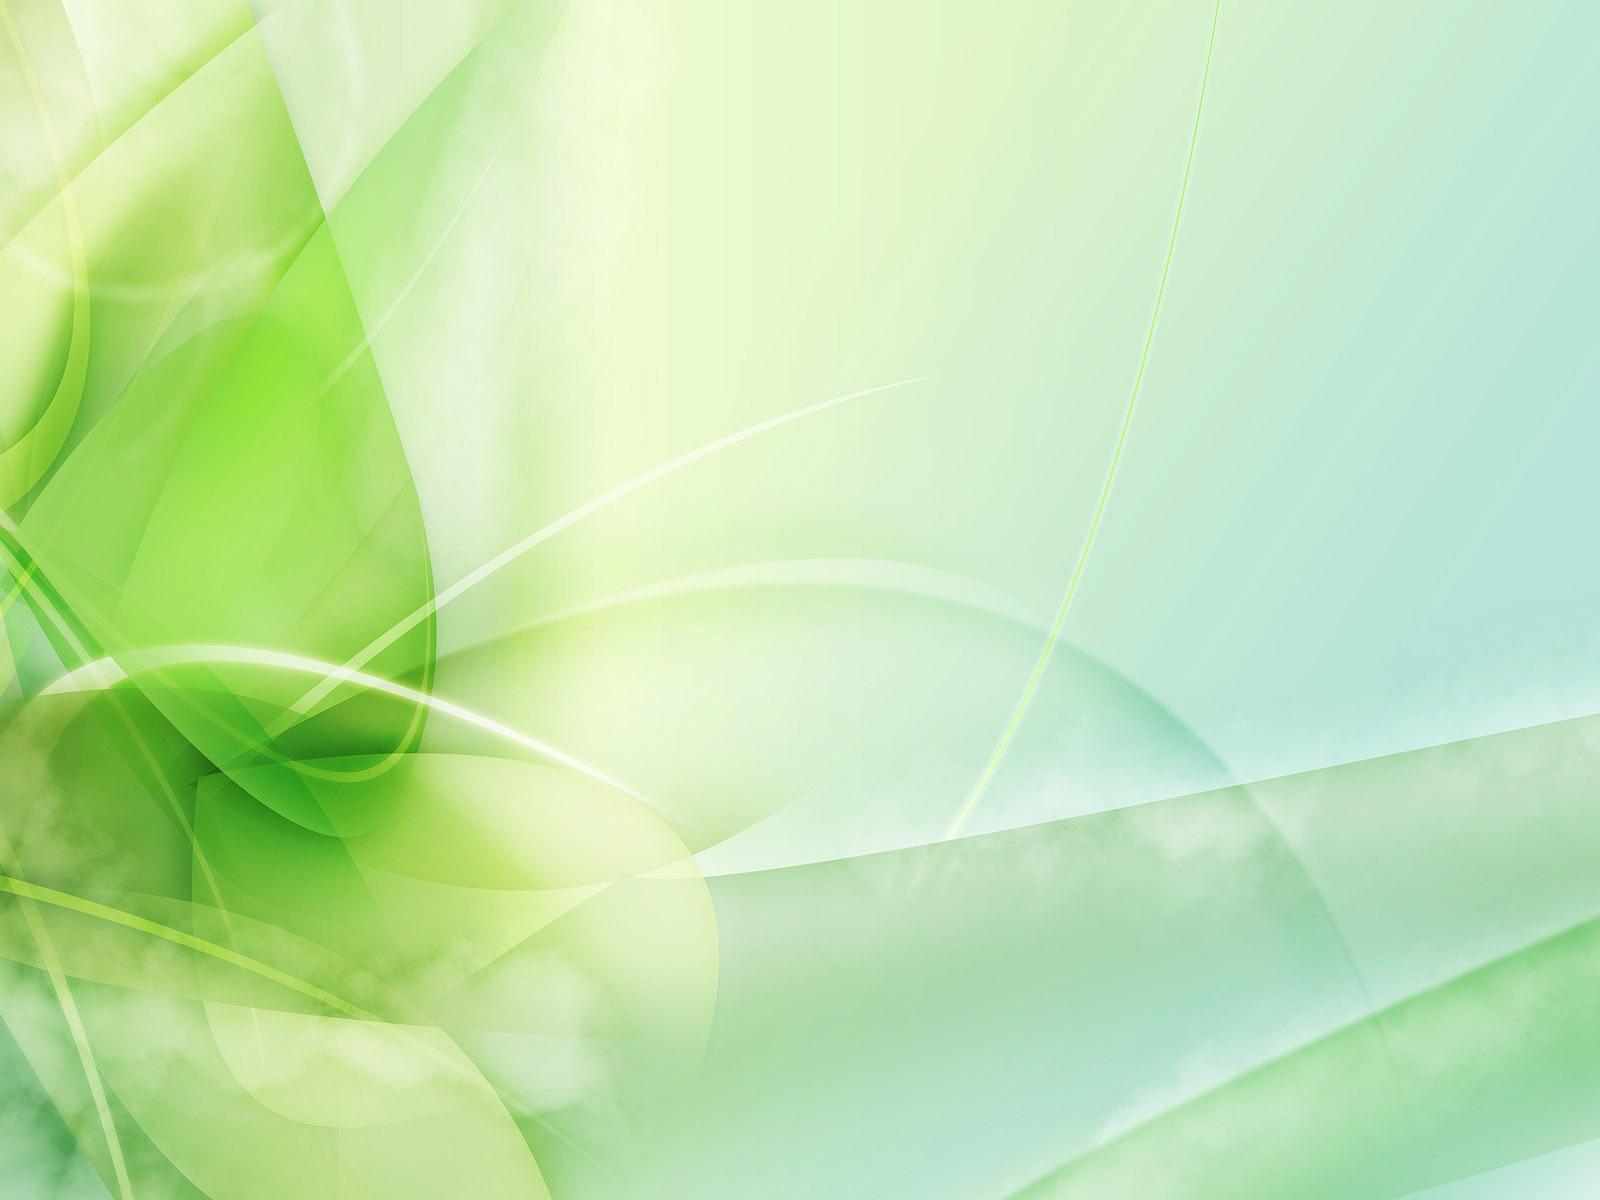 Light Green Backgrounds   wallpaper 1600x1200